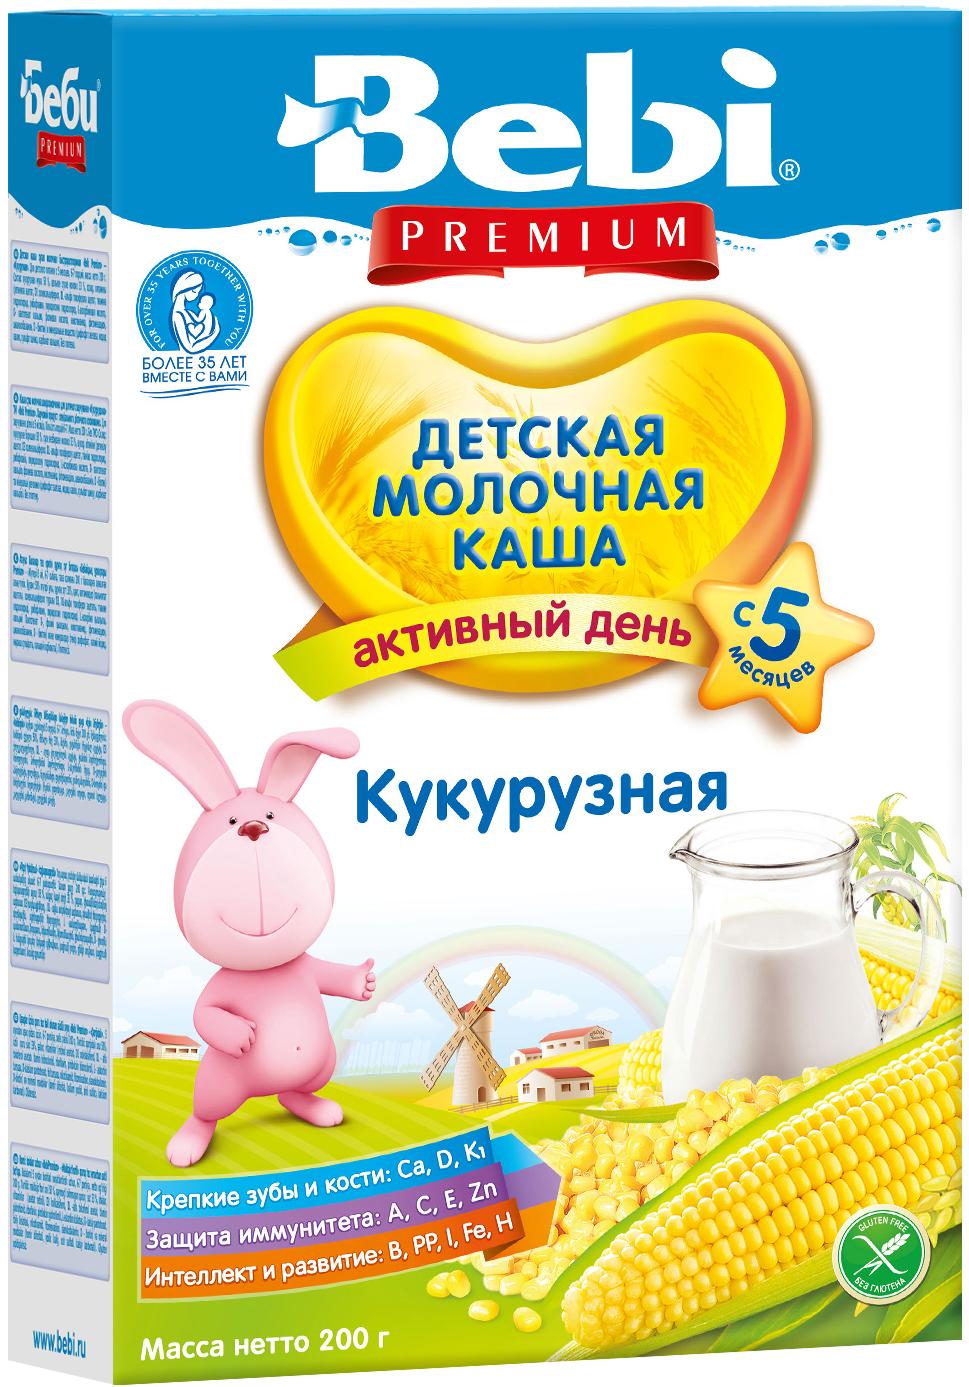 Каши Bebi Bebi Молочная кукурузная (с 5 месяцев) 200 г каши bebi молочная каша premium 7 злаков с 6 мес 200 г